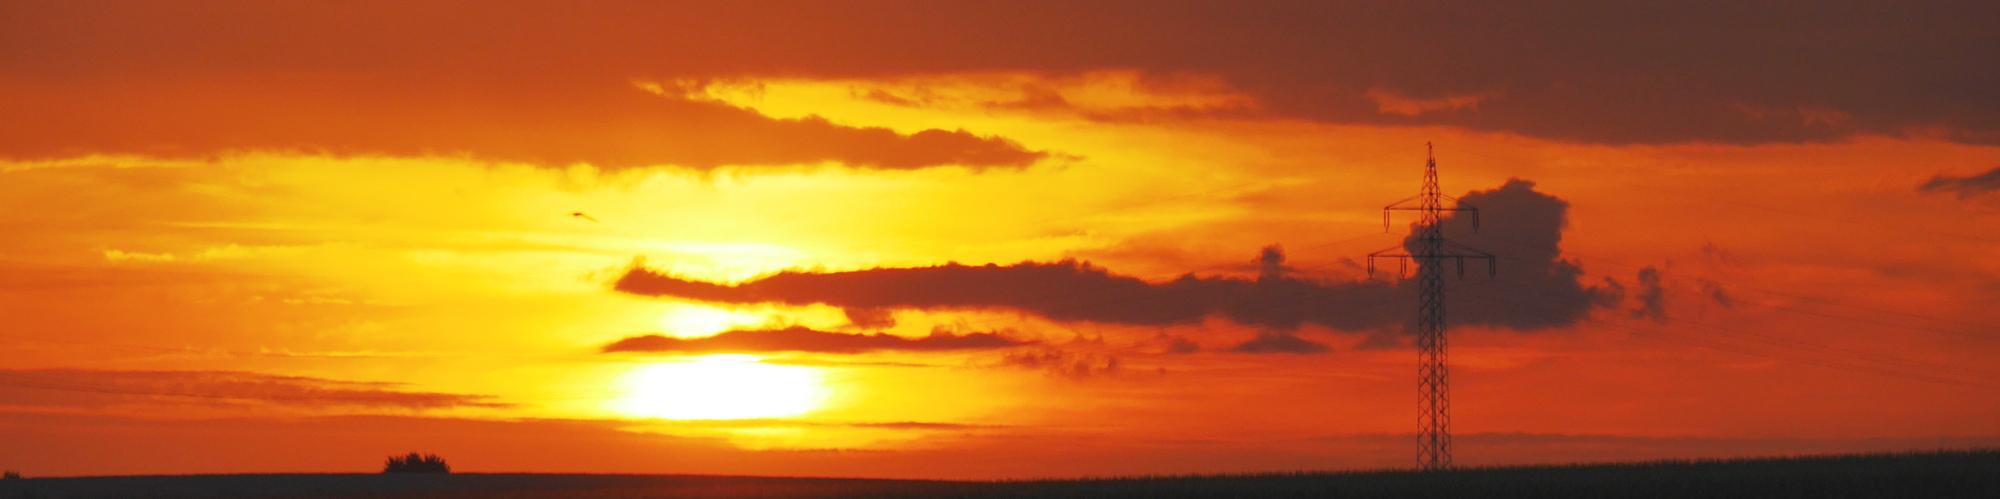 Das Foto zeigt einen Sonnenuntergang, die Sonne ist teilweise von Wolken verdeckt und berührt fast den Horizont. Im rechten Drittel des Bildes kann man einen Hochspannungsmast sehen